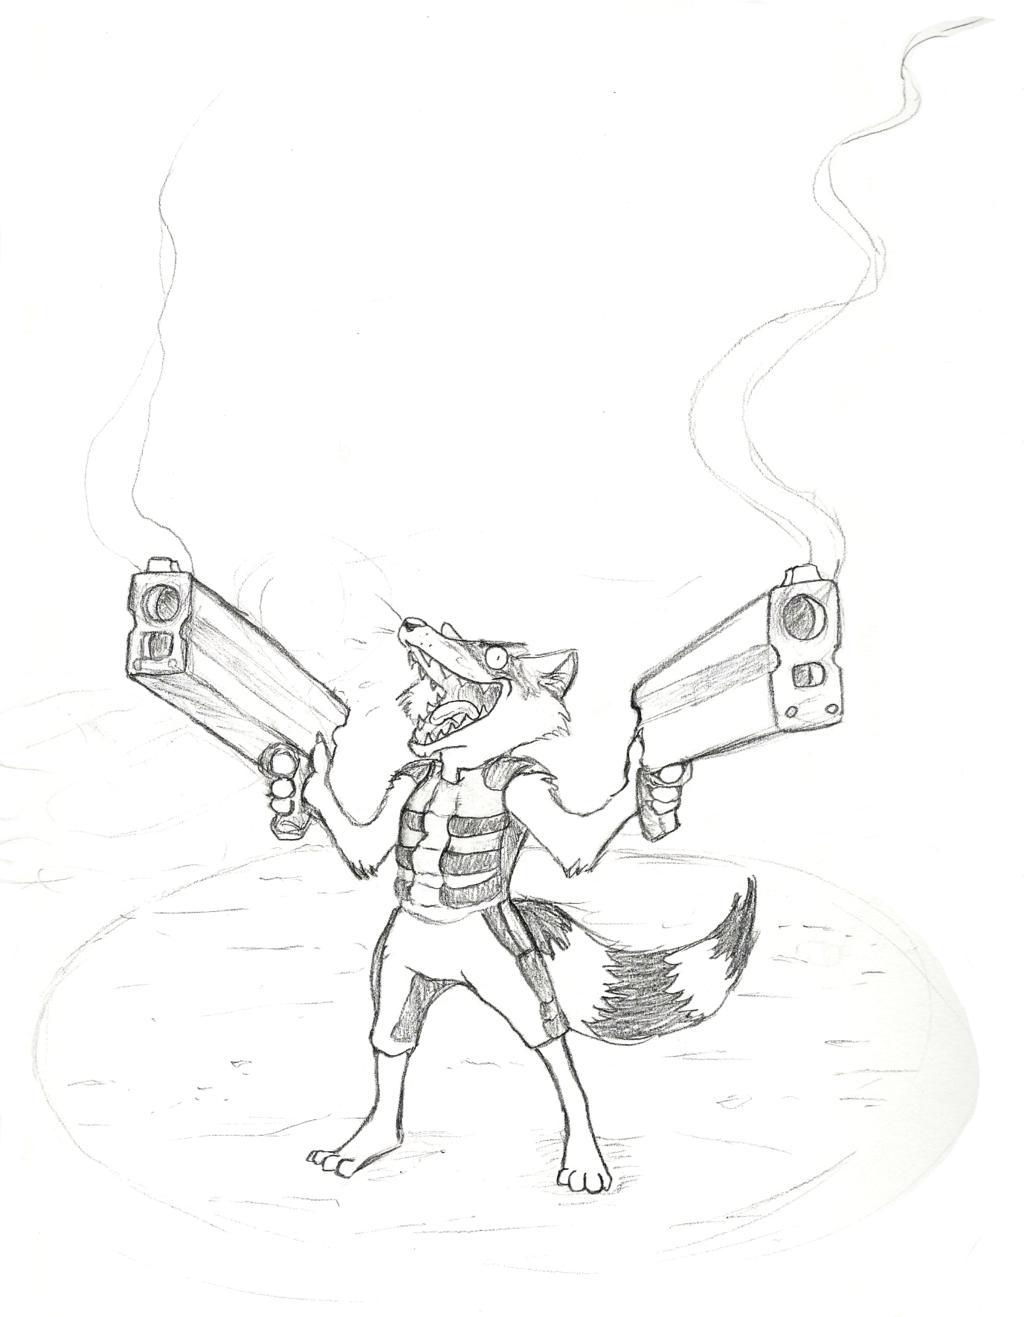 Rocket Raccoon, in his Element